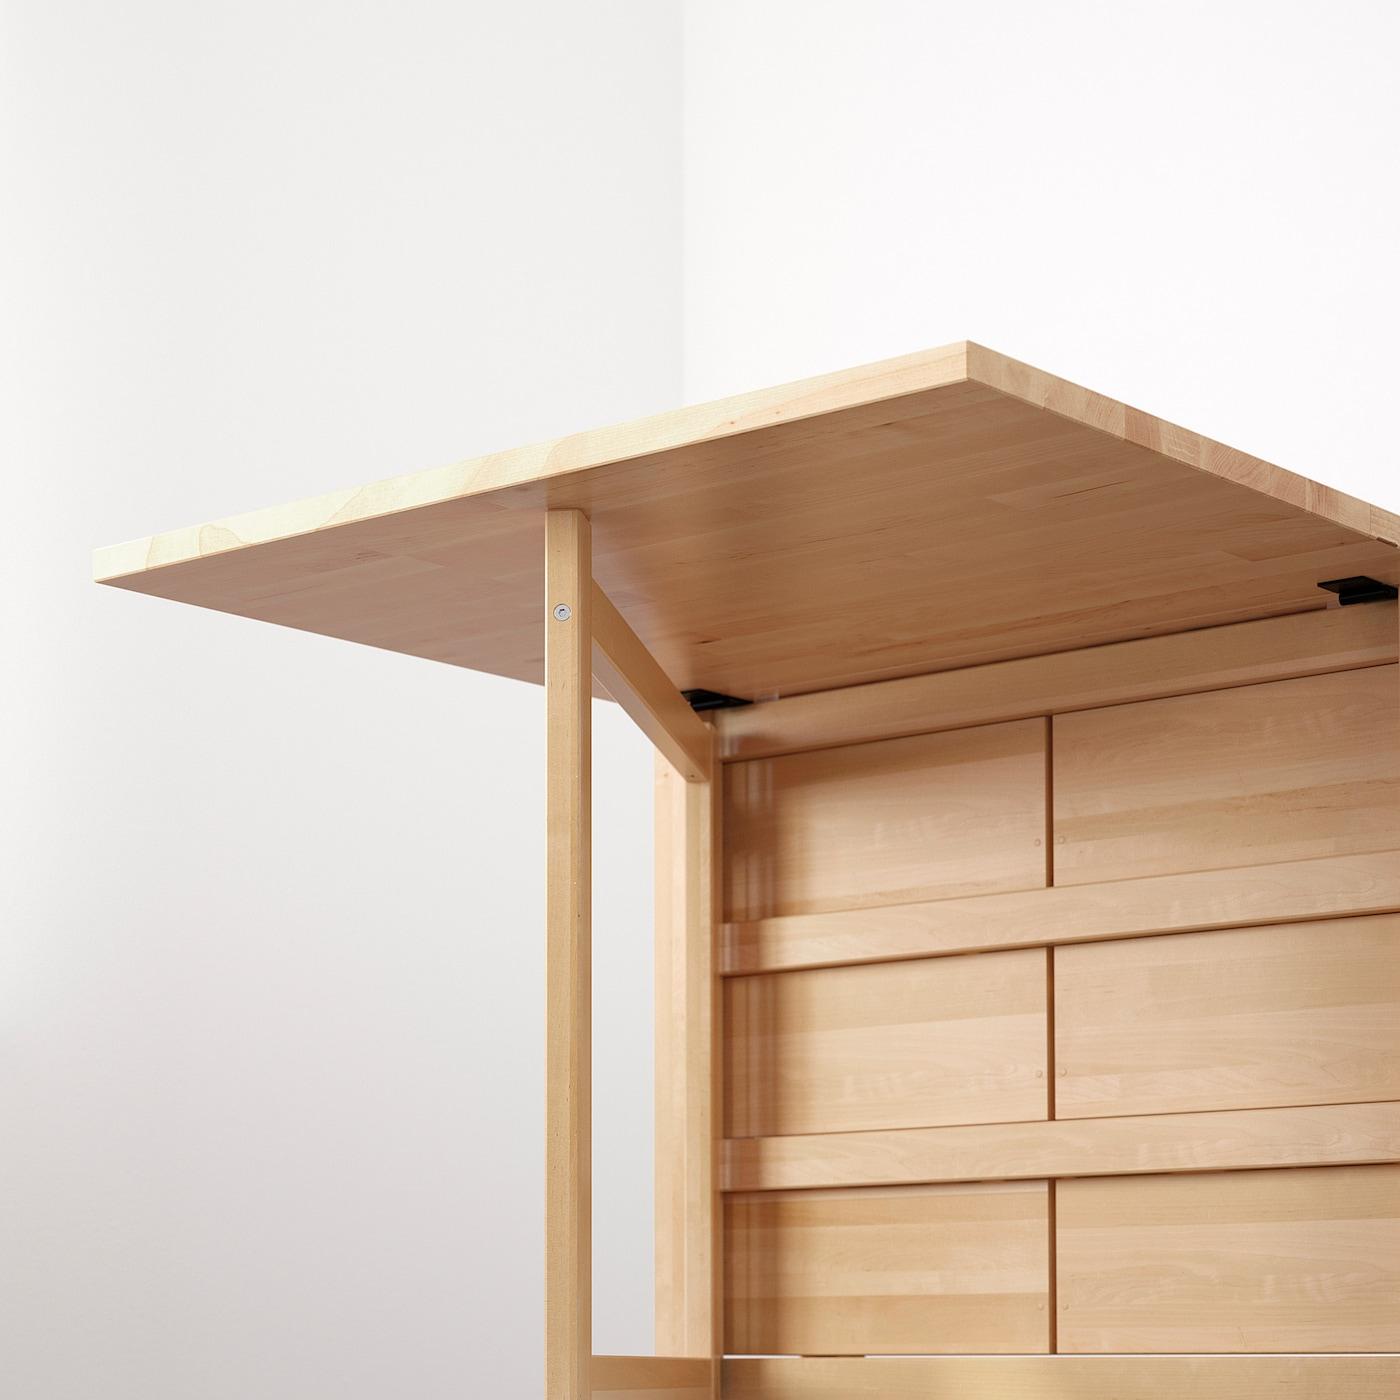 Norden Gateleg Table Birch 101 4 35 597 8x311 2 26 89 152x80 Cm Ikea